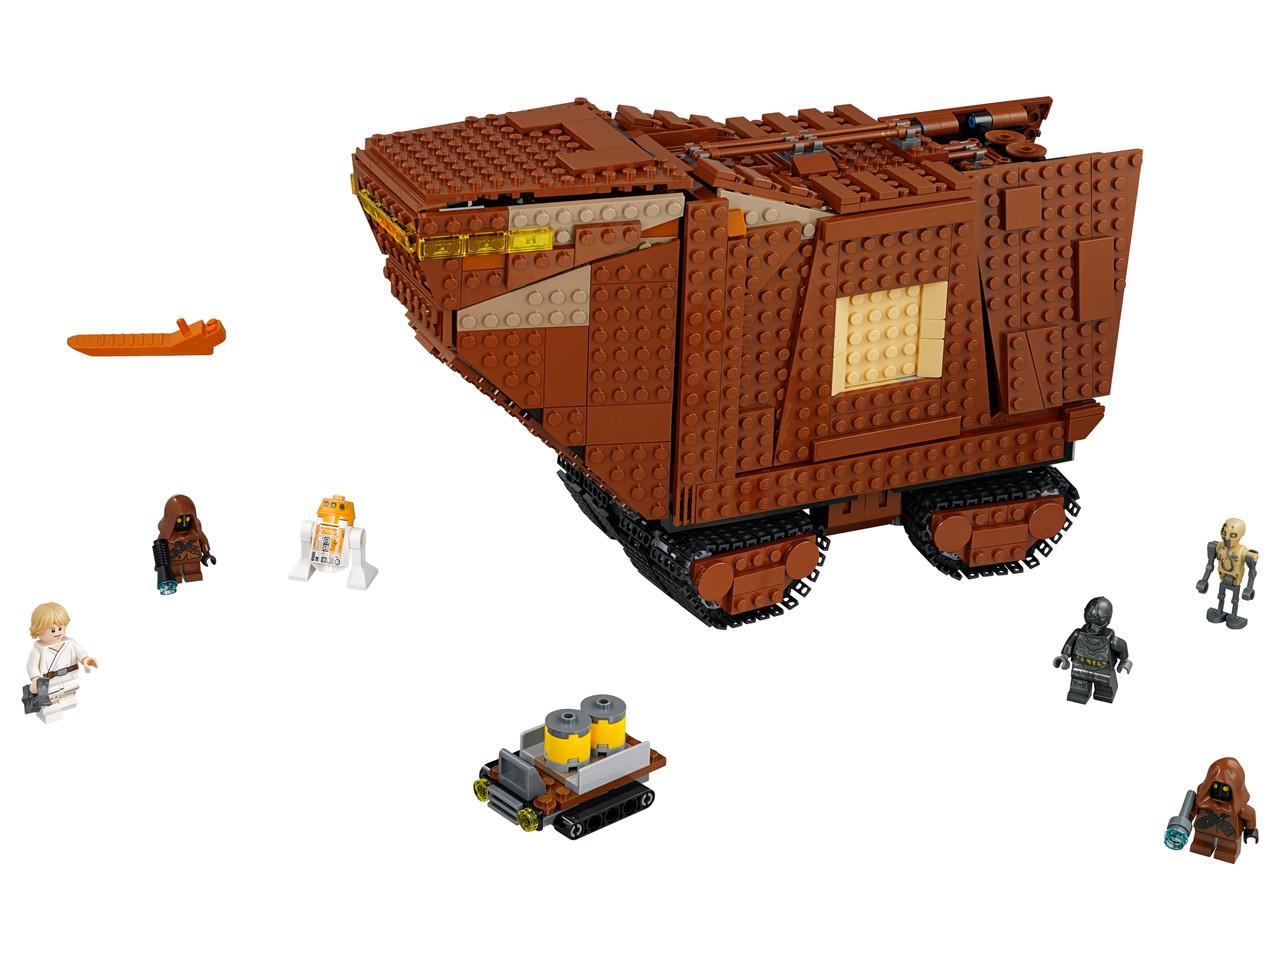 Конструктор LEGO Песчаный краулер 1239 деталей (75220)